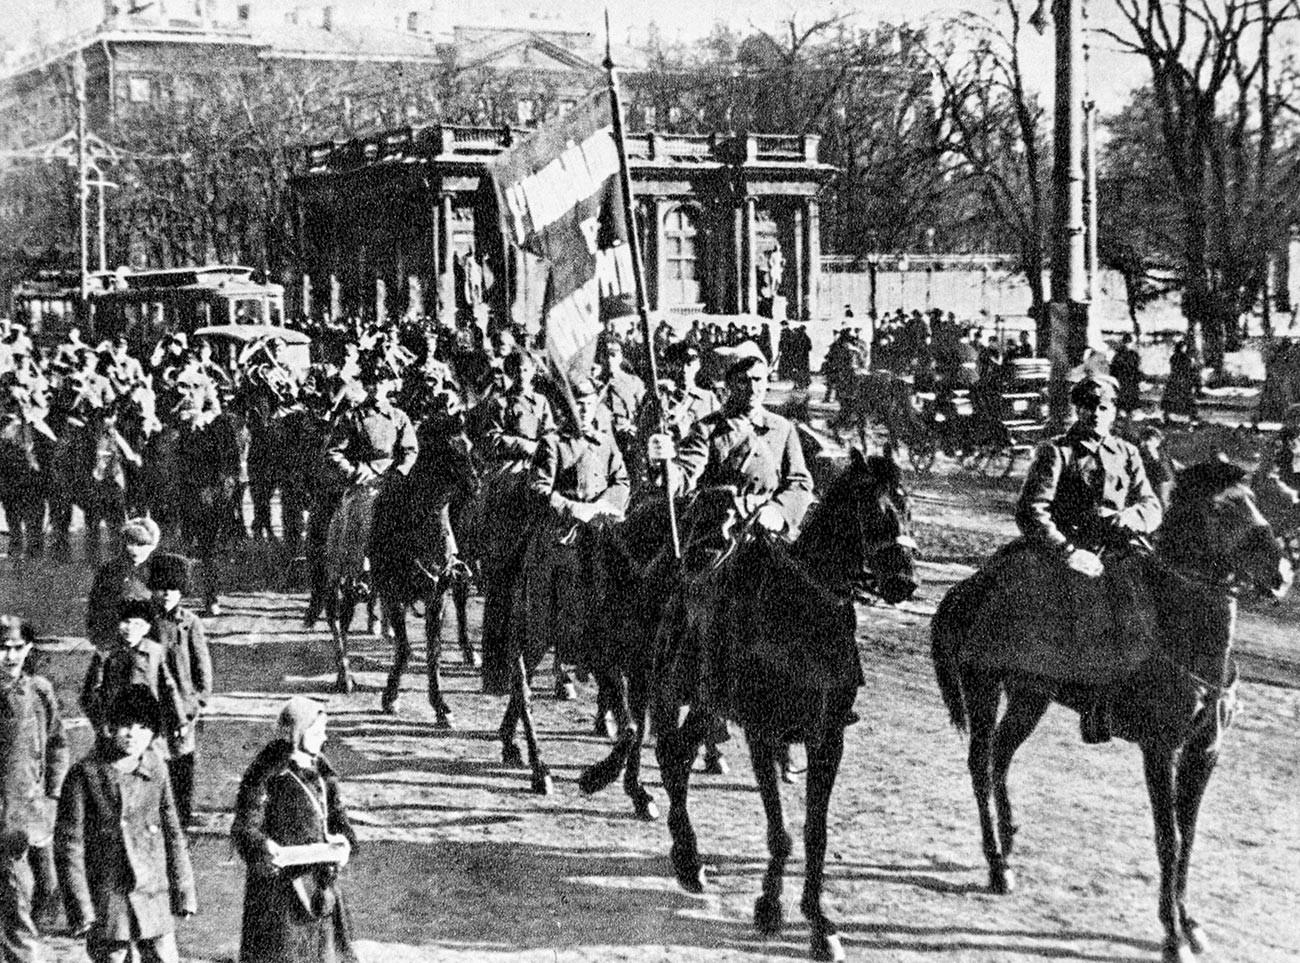 1er Régiment de cavalerie du 1er Corps de cavalerie de l'Armée rouge traversant les rues d'une ville.